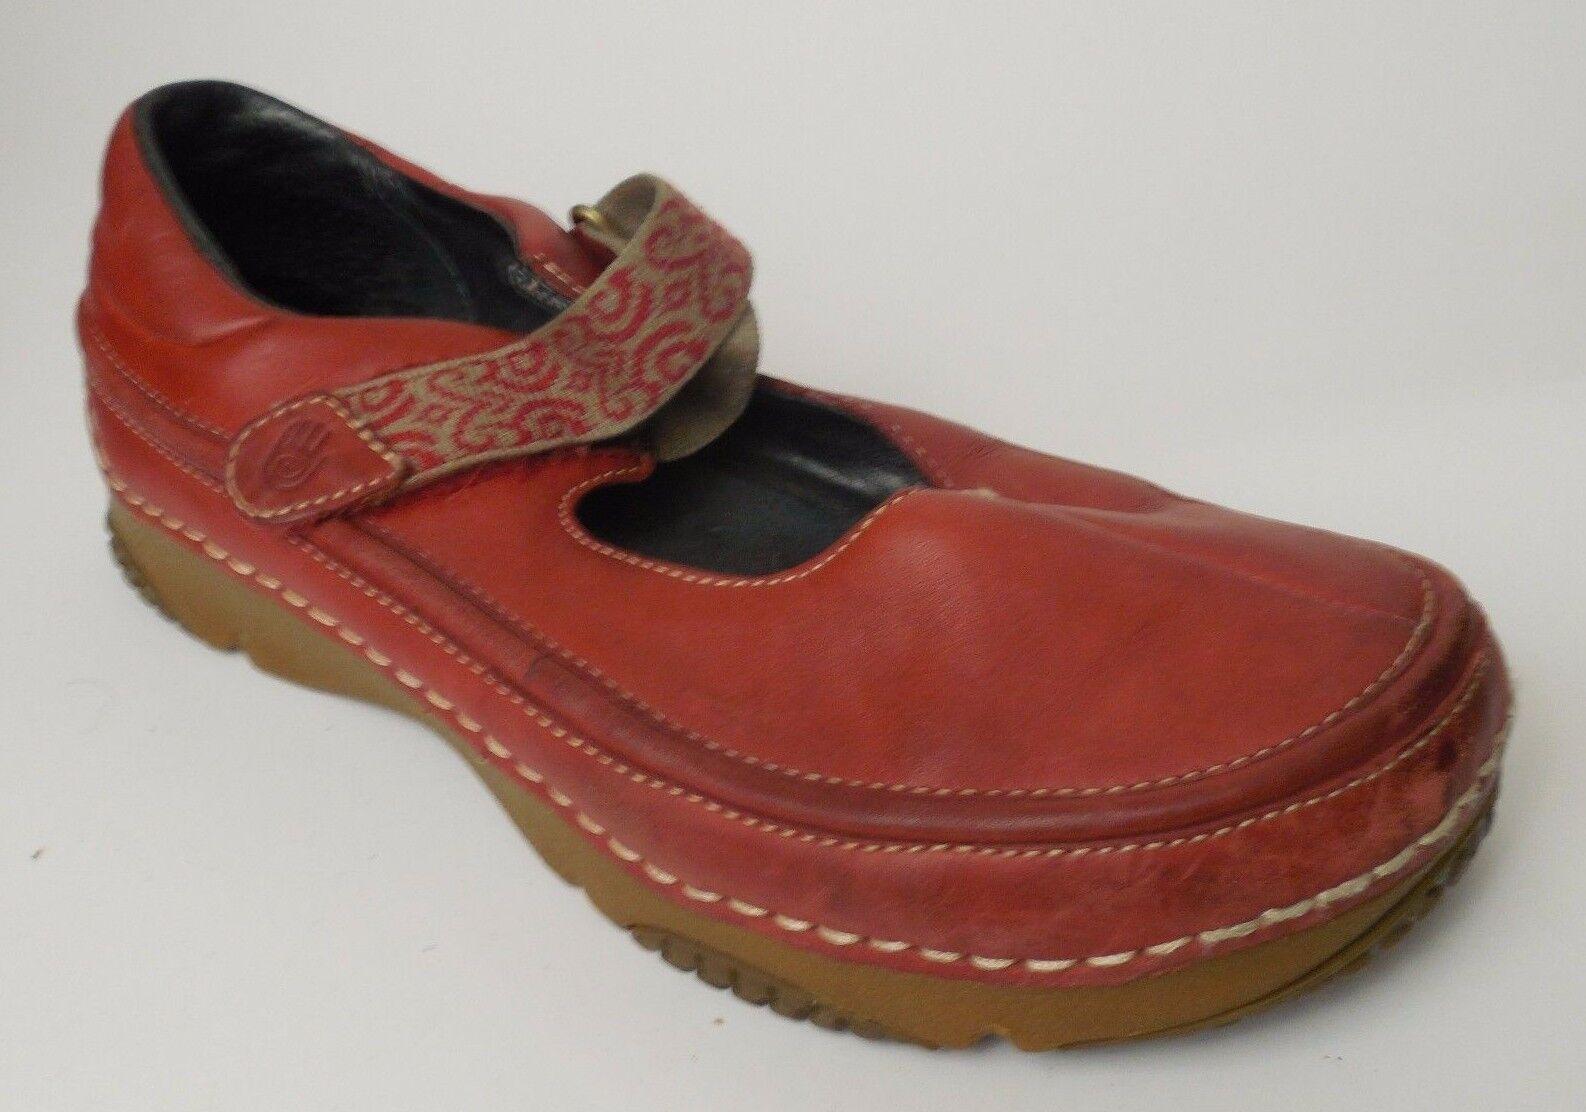 Teva Teva Teva Mary Jane  6538 Rojo para Mujer US 8 Med EU 39 de Cuero de Lona calzado de carrera Zuecos  Envío 100% gratuito